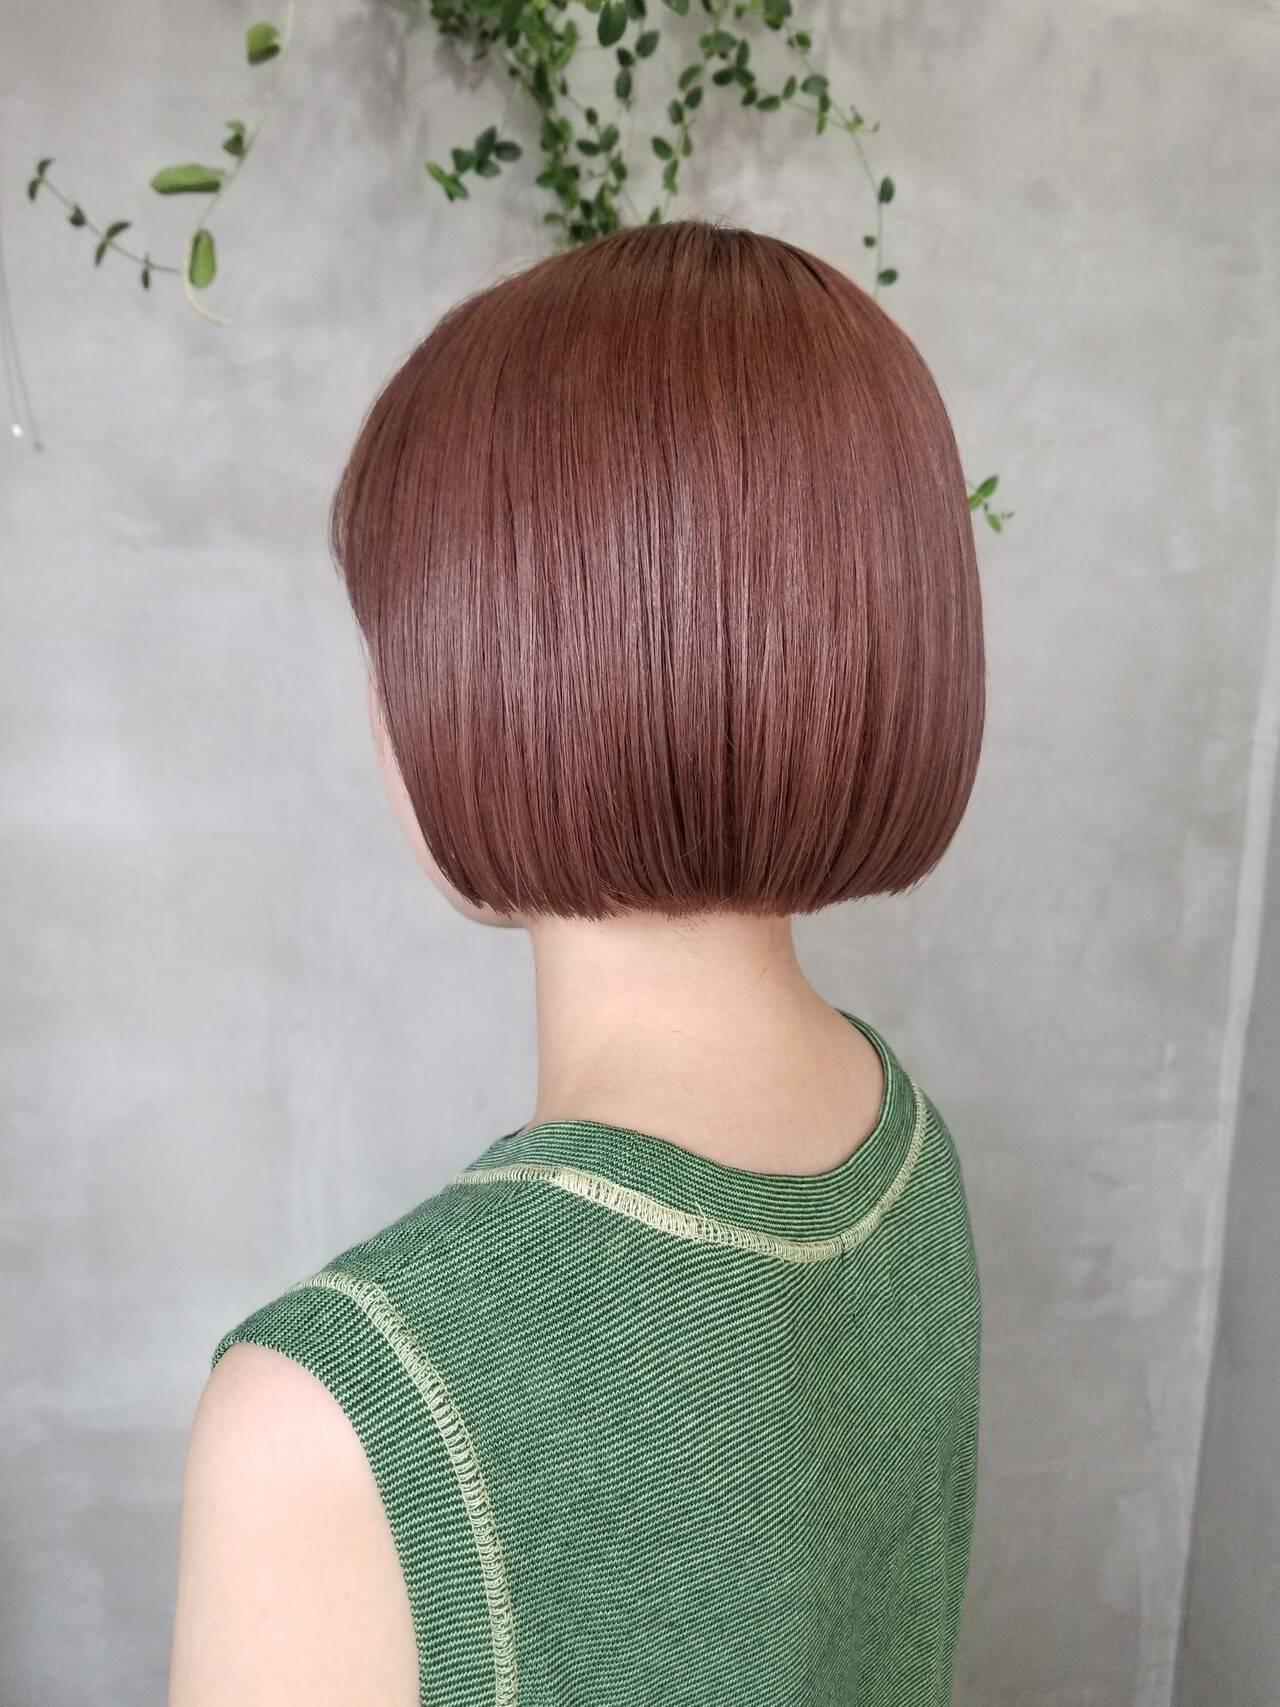 ボブ ナチュラル ピンクベージュ イルミナカラーヘアスタイルや髪型の写真・画像